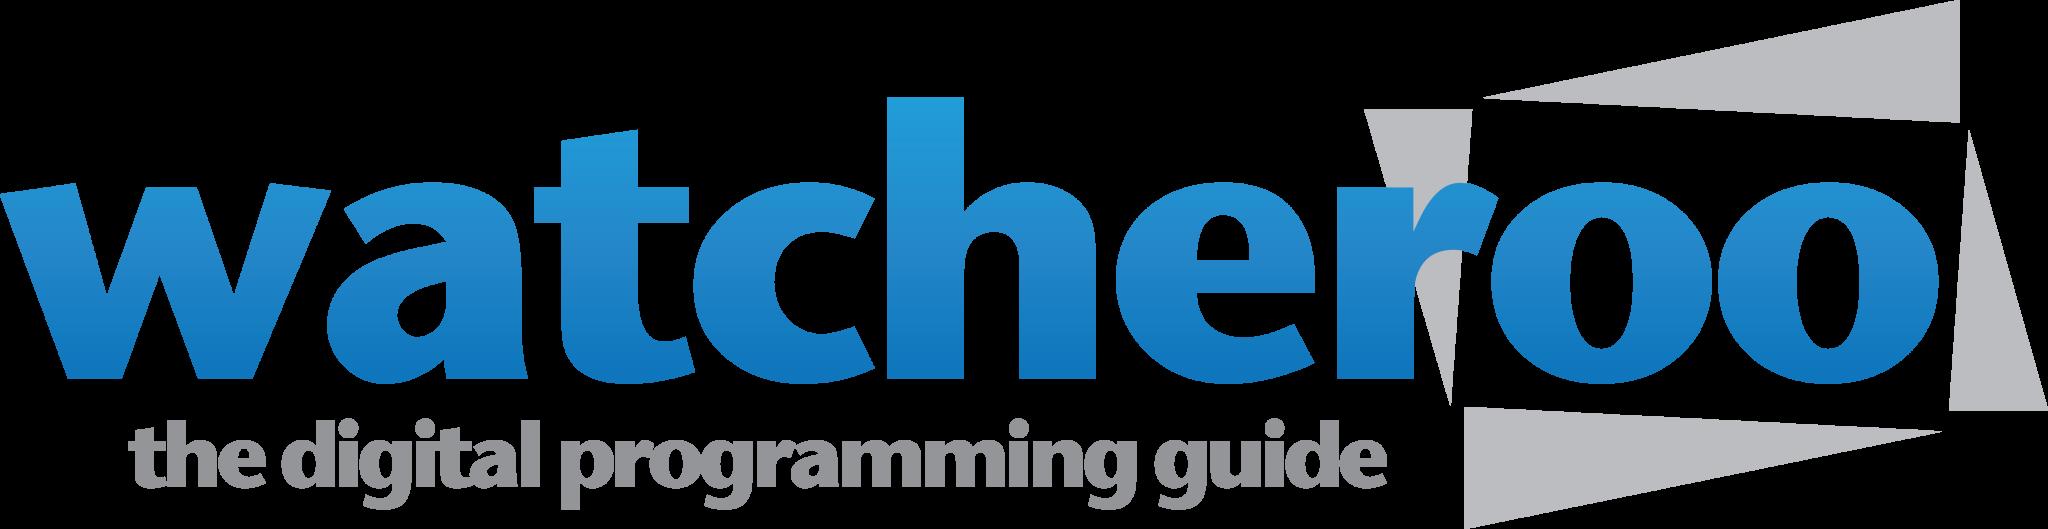 Watcheroo digital programming guideCynopsis Media